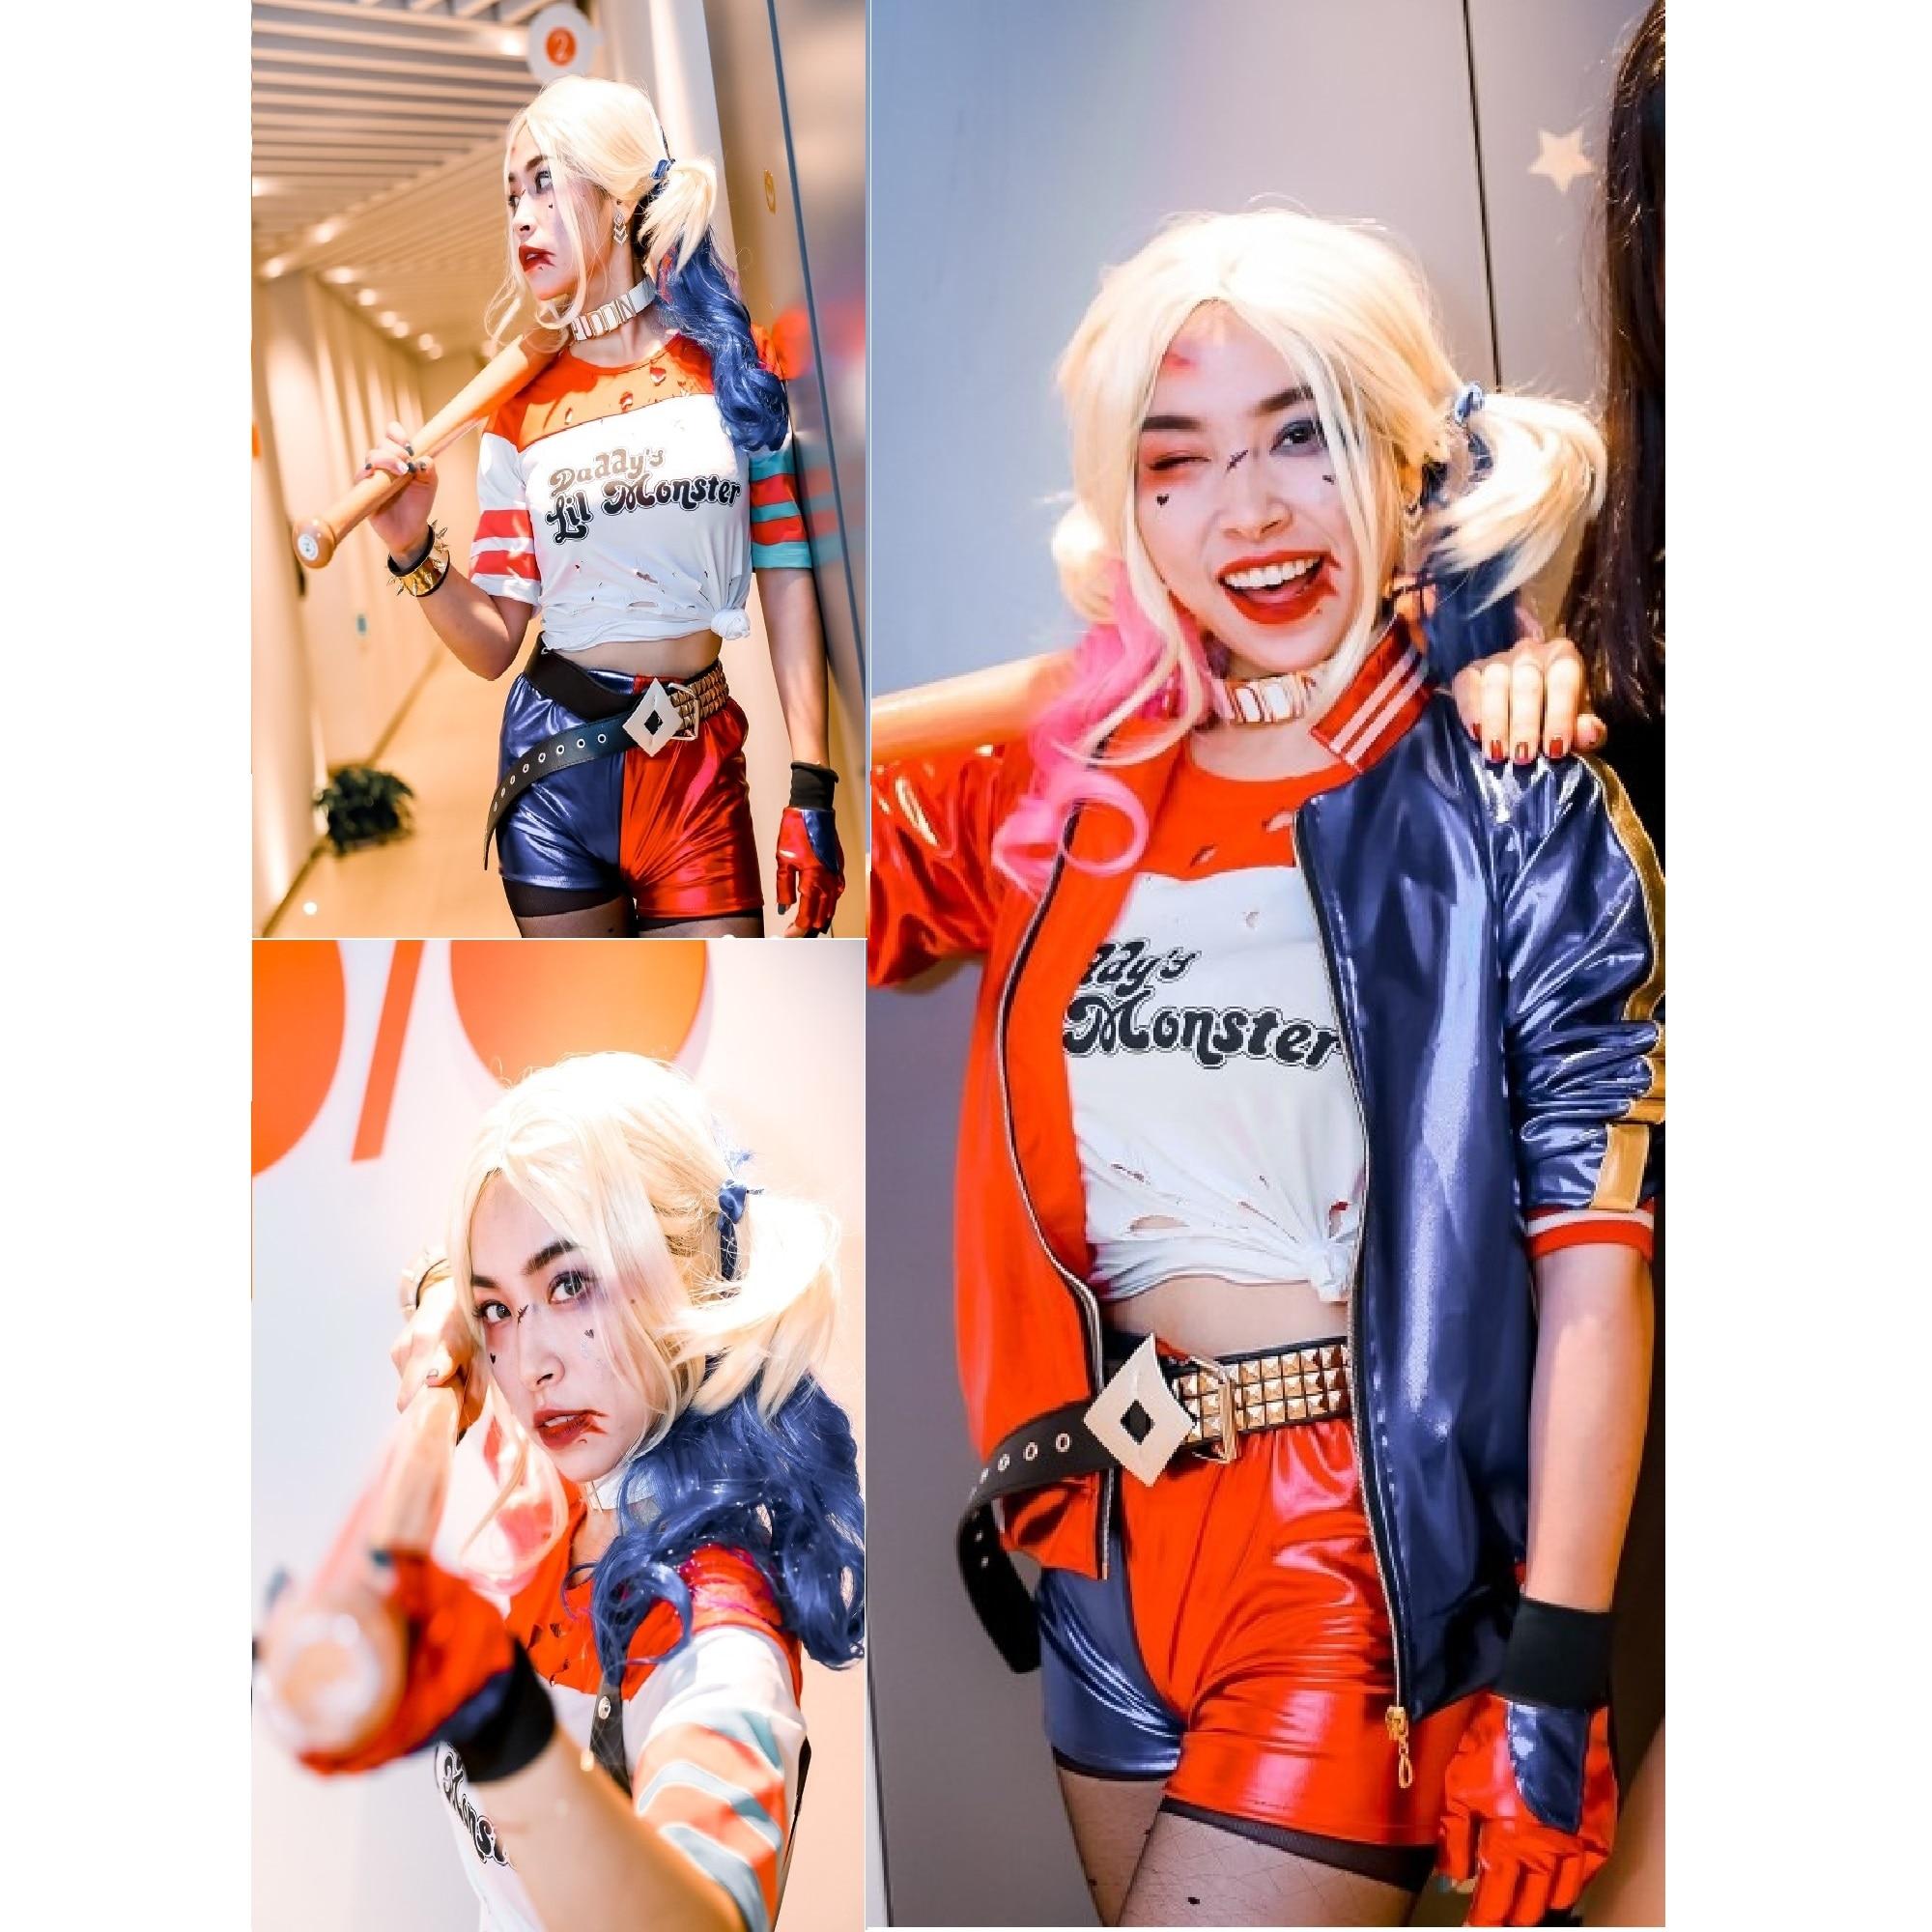 Harleen Wig Suicide Cosplay Costumes Harley Squad Quinn Monster T Shirt Coat Jacket Pants Bracelet Belt Necklace Gloves Accessor